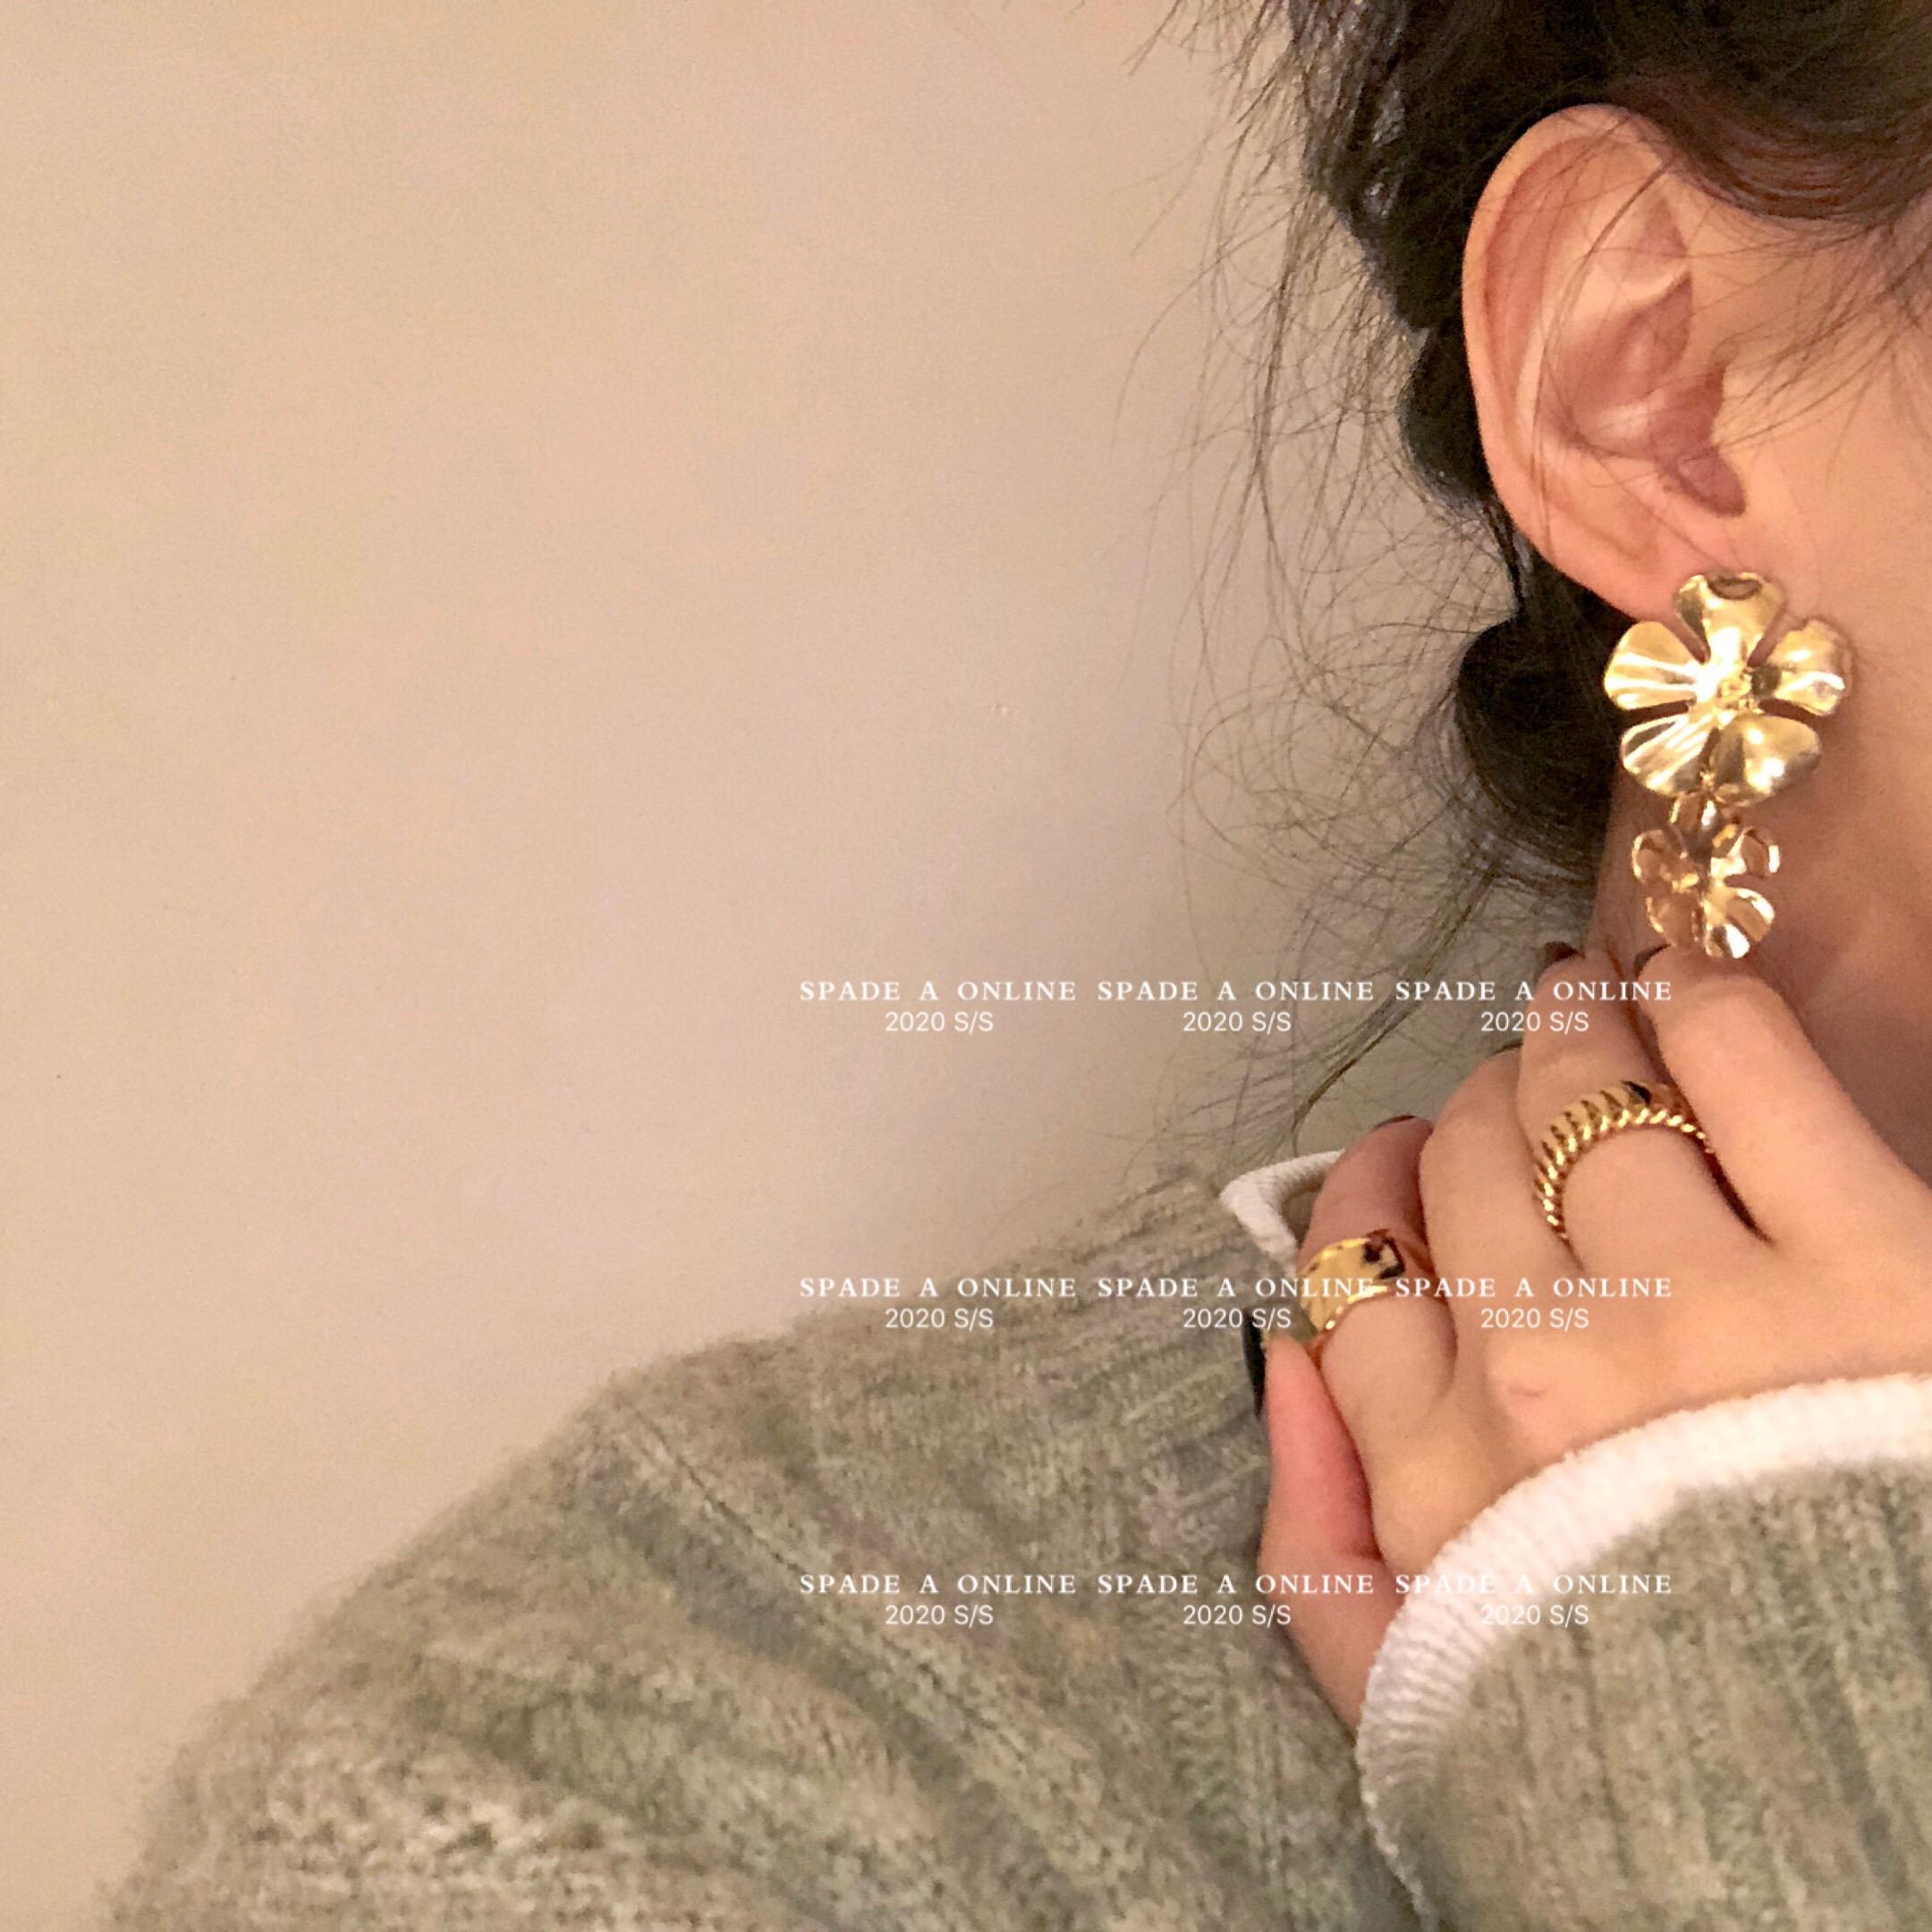 法式质感花朵耳环 韩国 银针 金属 ins博主 耳环女